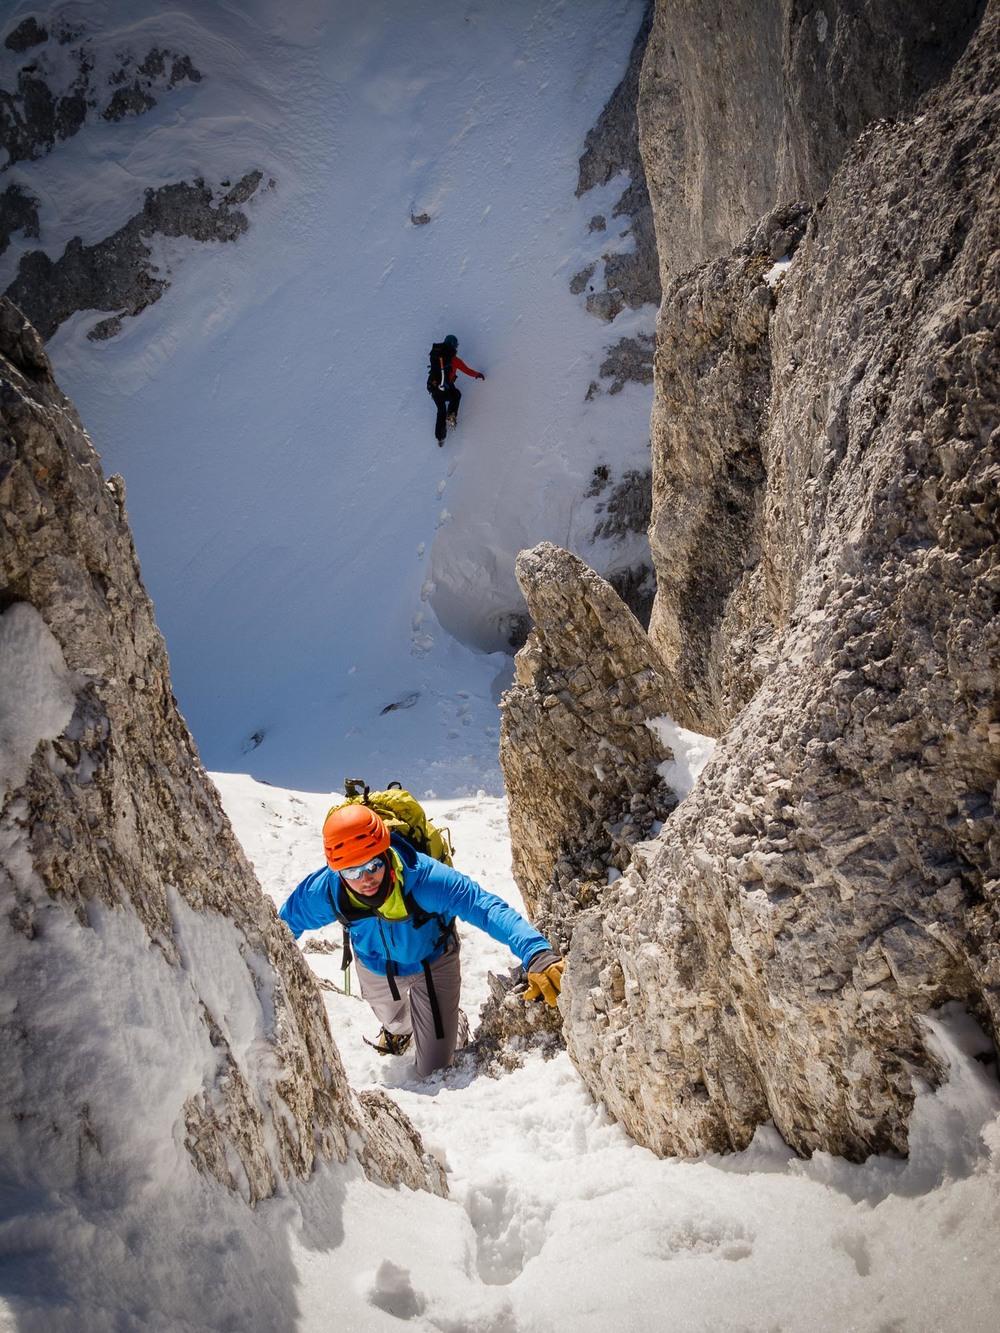 Plezanje zadenjsko oziroma navzdol je ob grebenskem prečenju neobhodno. Foto: Marko Albreht